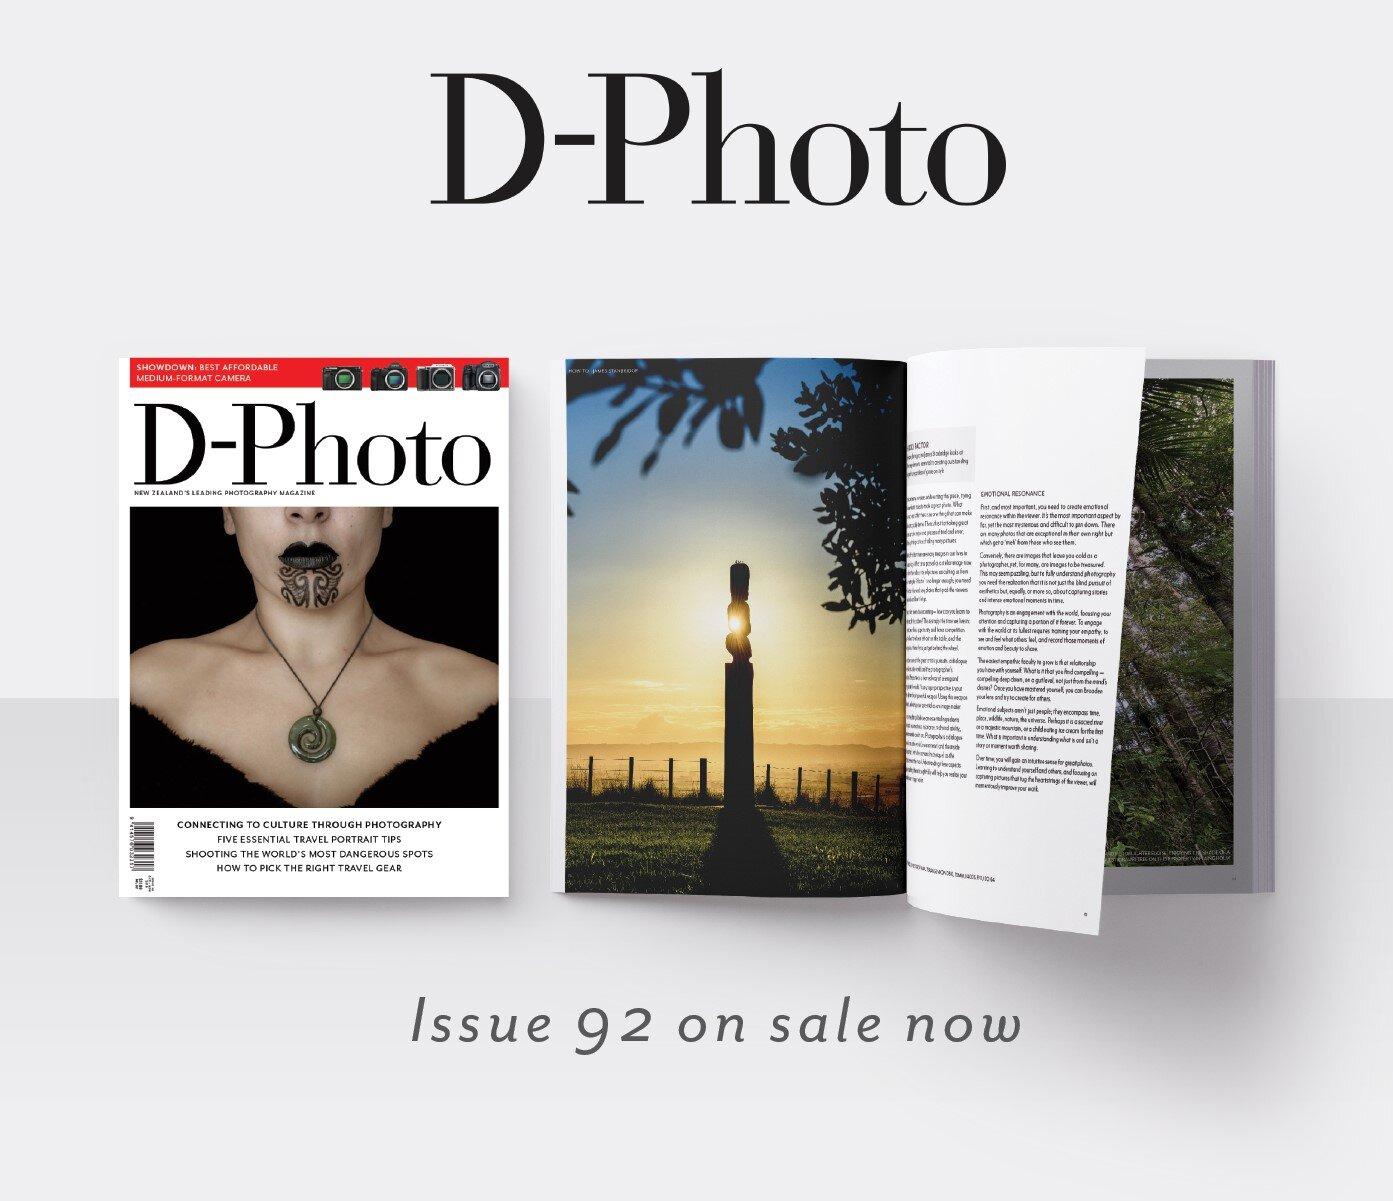 DP-92+2019-09-12+142504.jpg